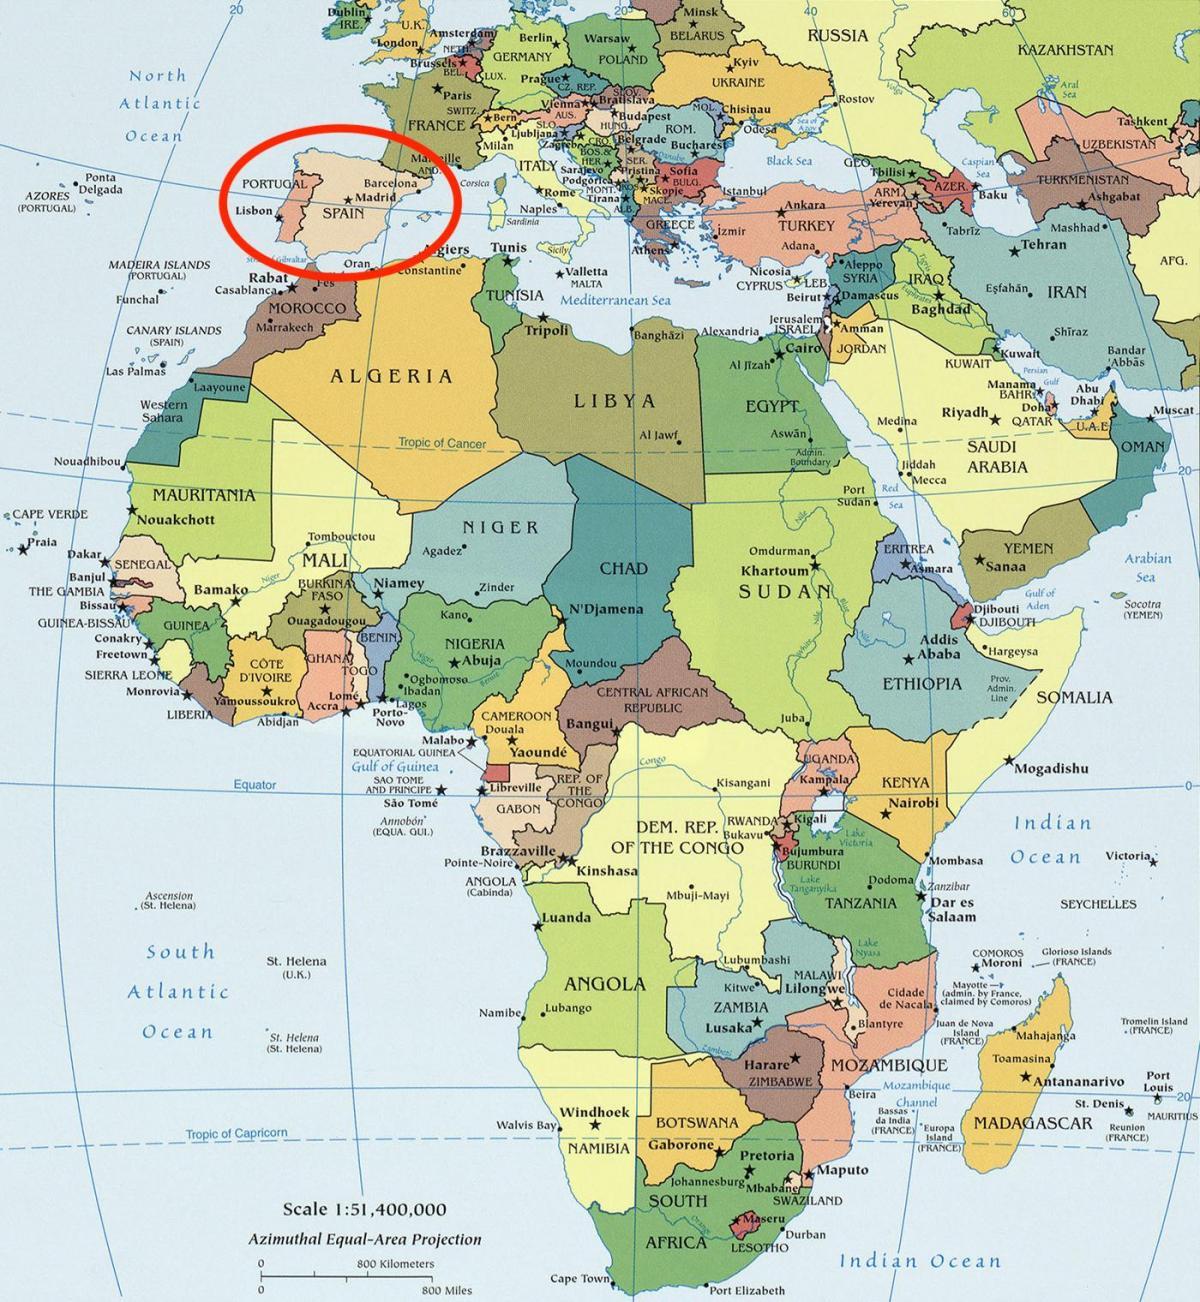 kart over europa og afrika Kart over Spania og afrika   Afrika og Spania kart (Sør Europa  kart over europa og afrika